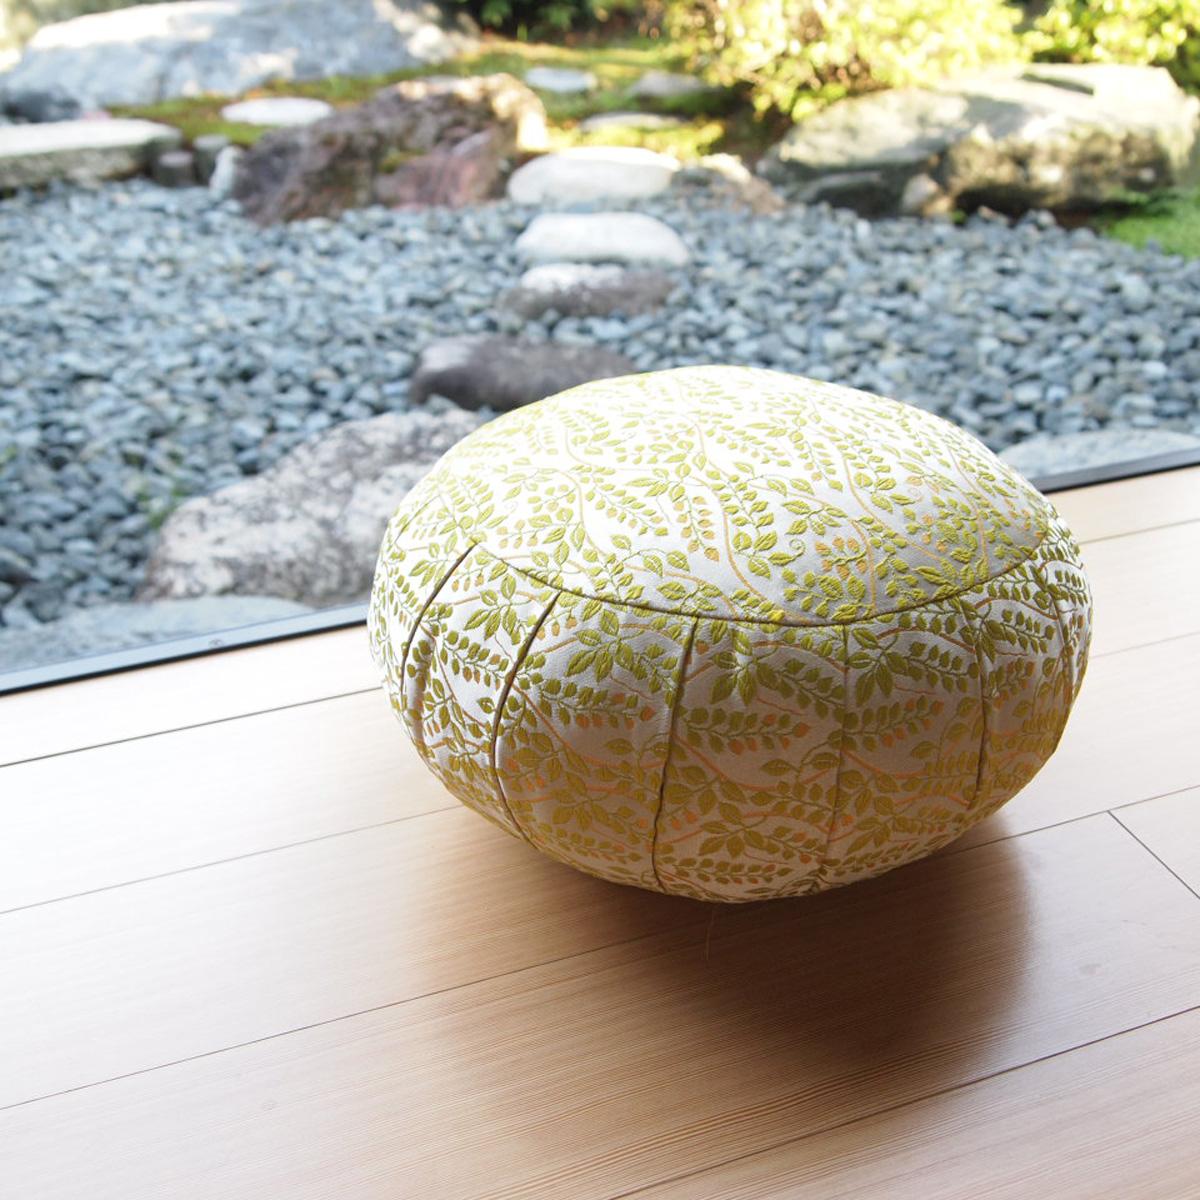 座禅座布団(送料無料)国産 瞑想などヨガや体操に最適な丸座布団 30cm幅高さ18cm